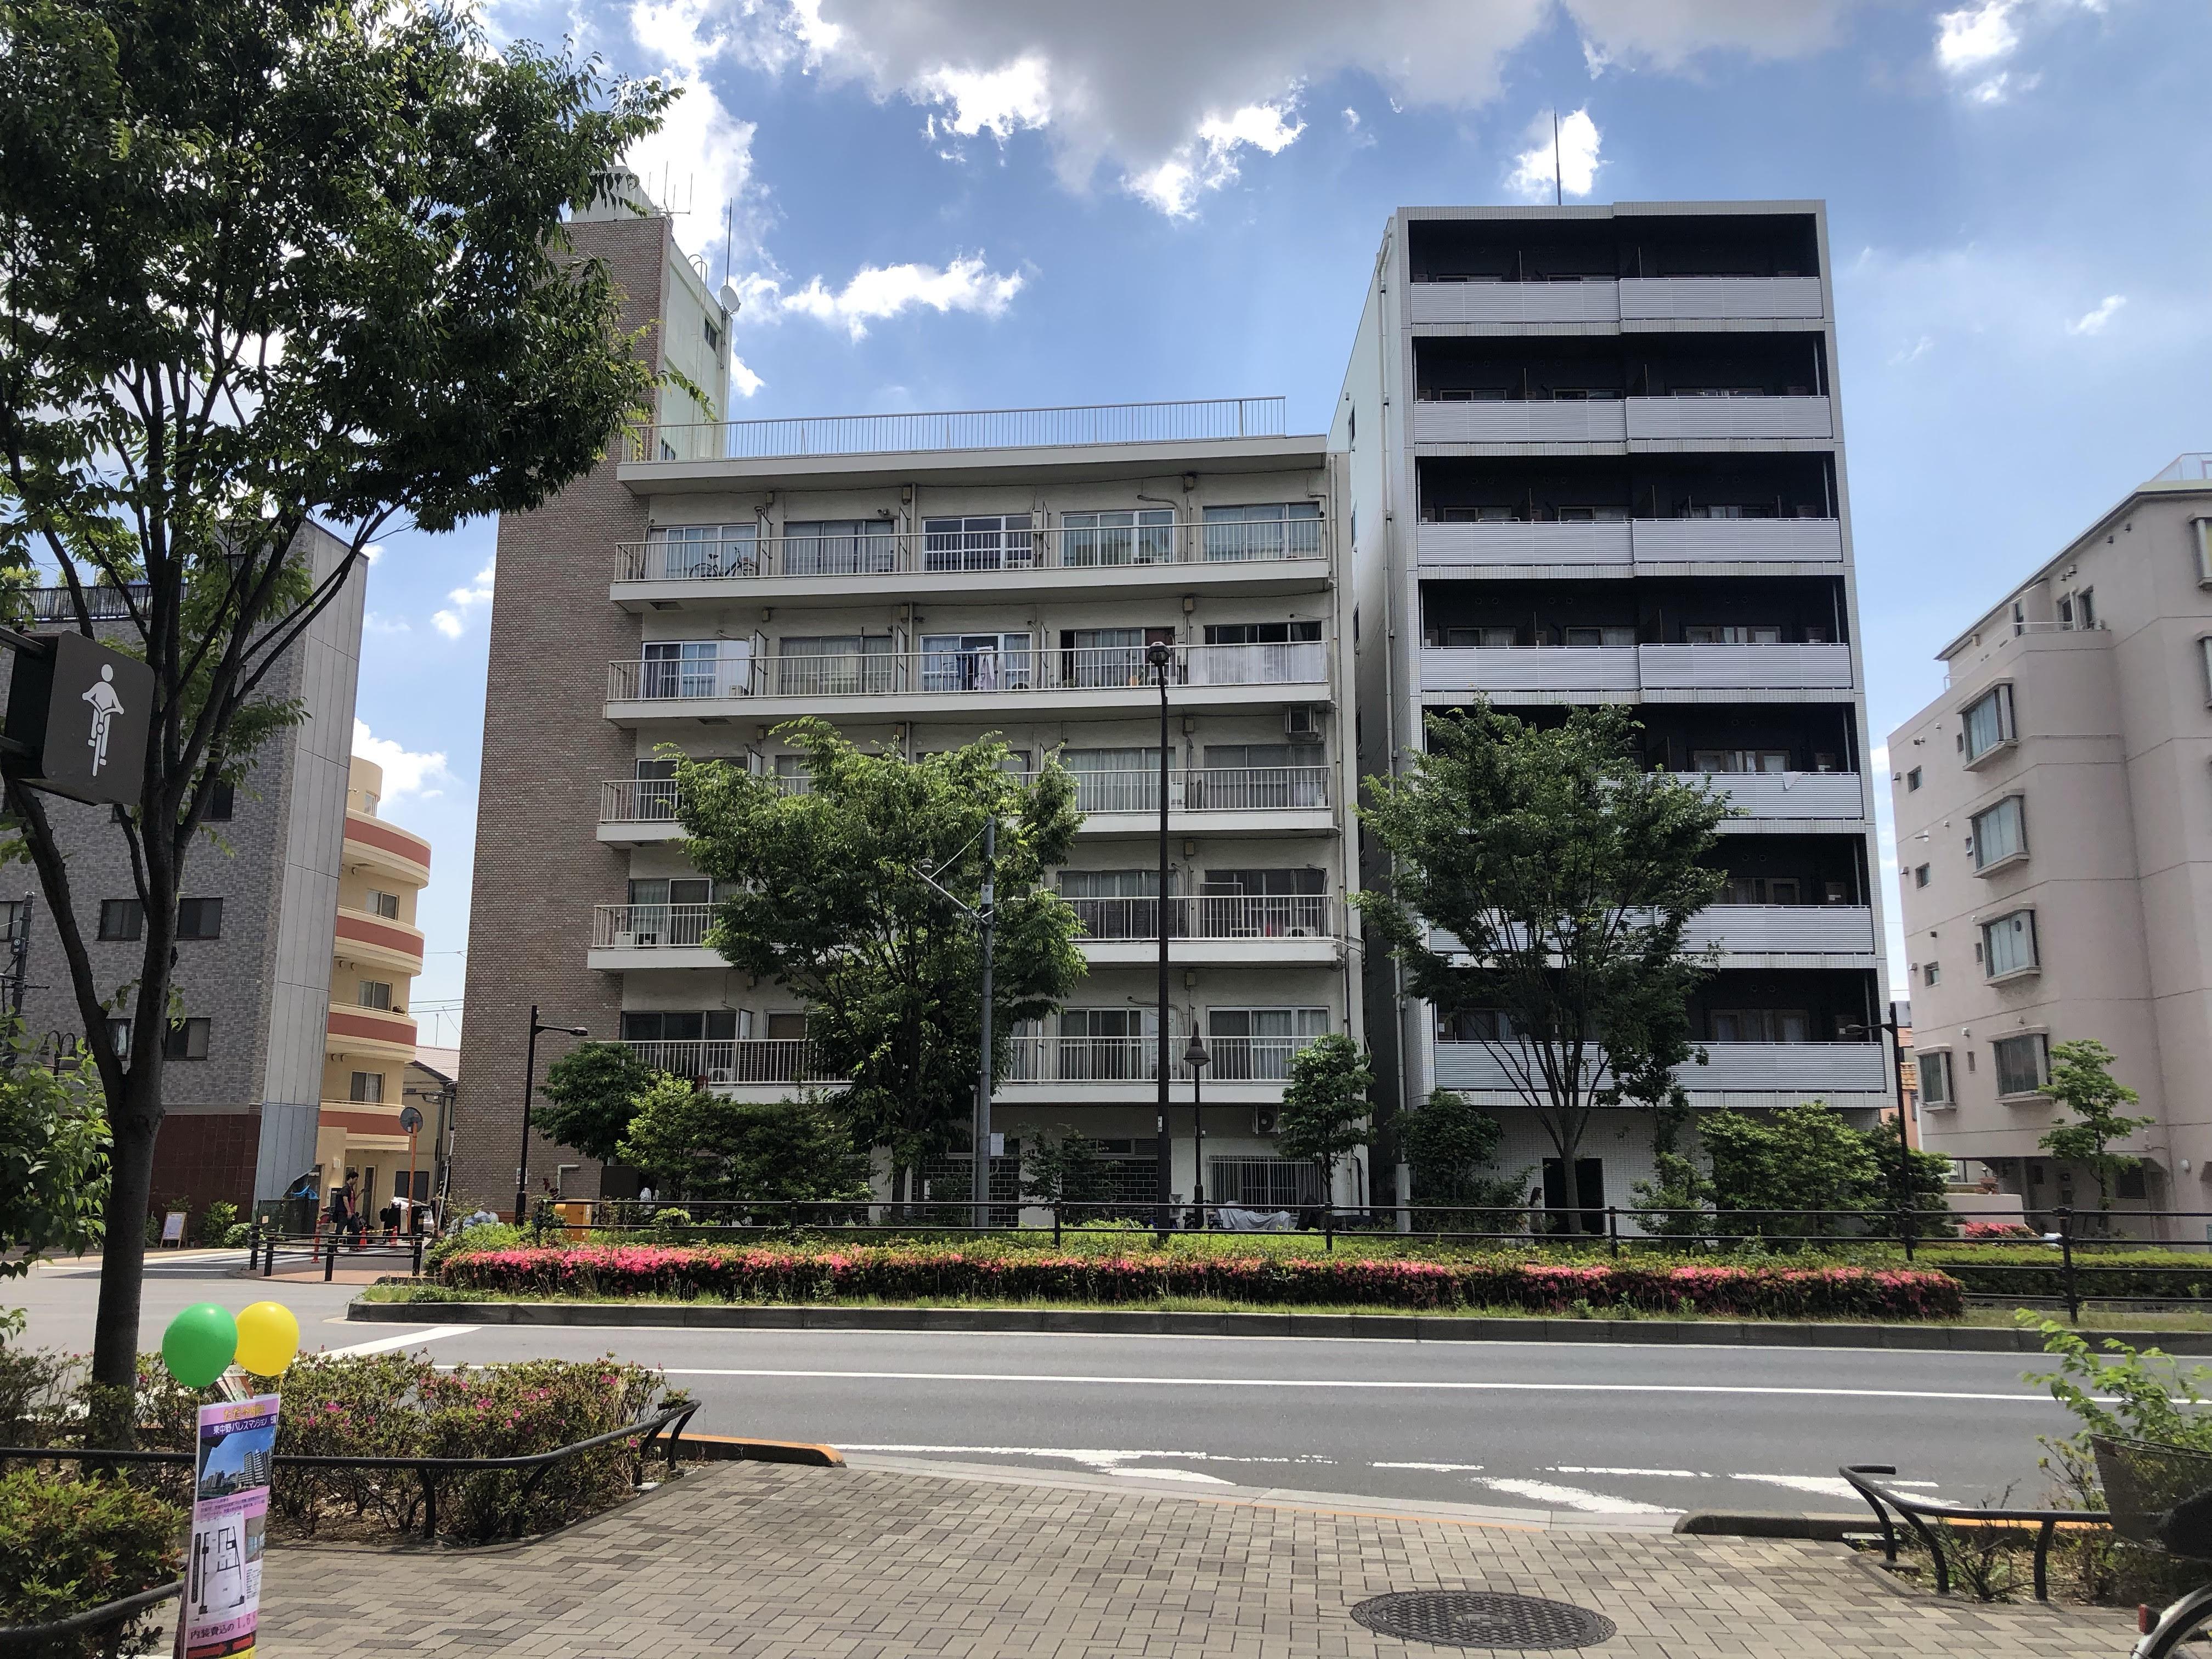 東中野パレスマンション☆5階部分☆南西角部屋☆R1年サッシ交換含む新規内装リフォーム済み☆